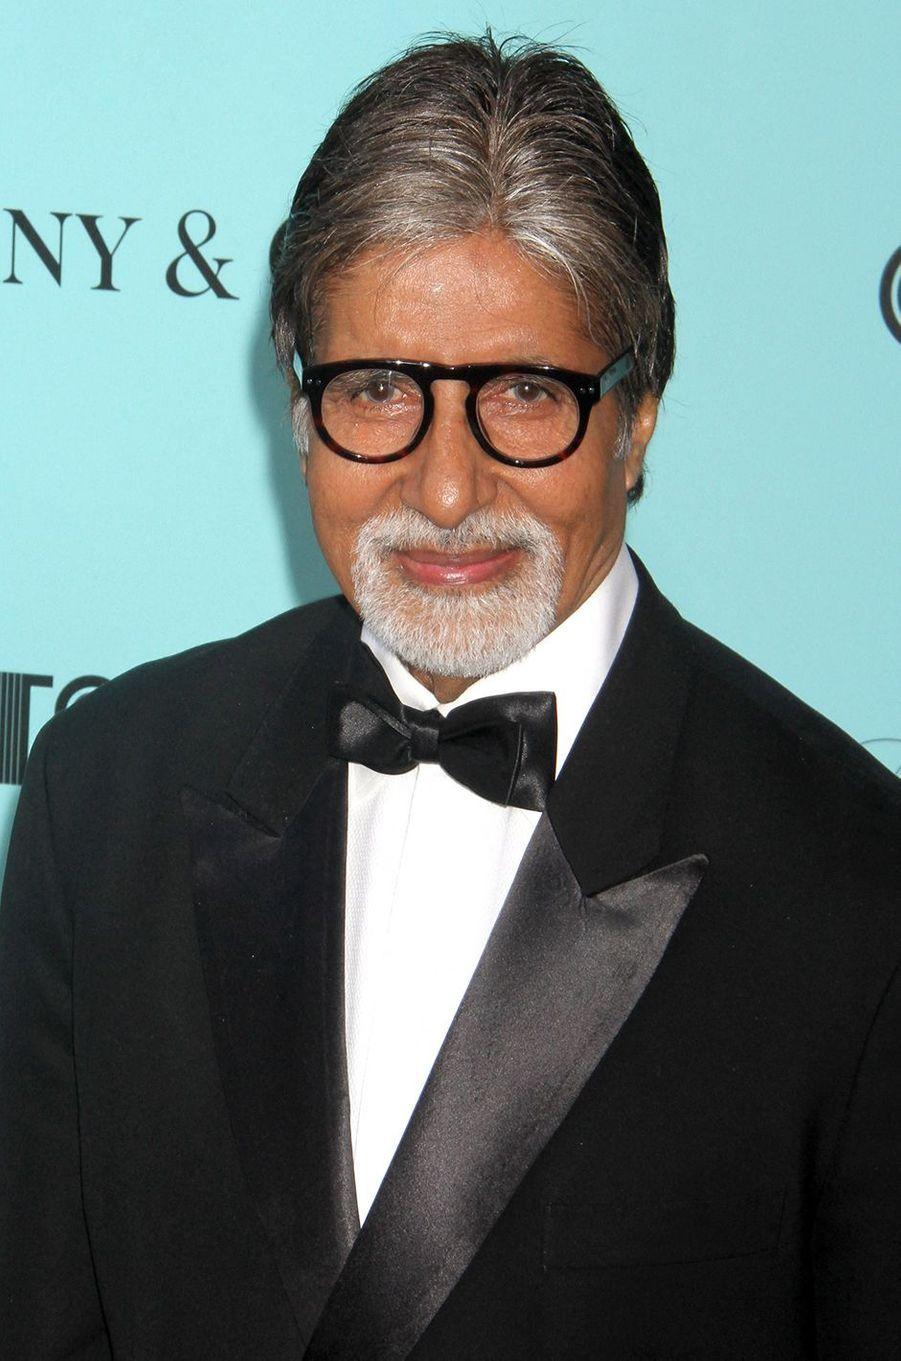 Tendances monde (3e) : Amitabh Bachchan figure dans le Top 10 des acteurs les plus recherchés sur Google en 2020